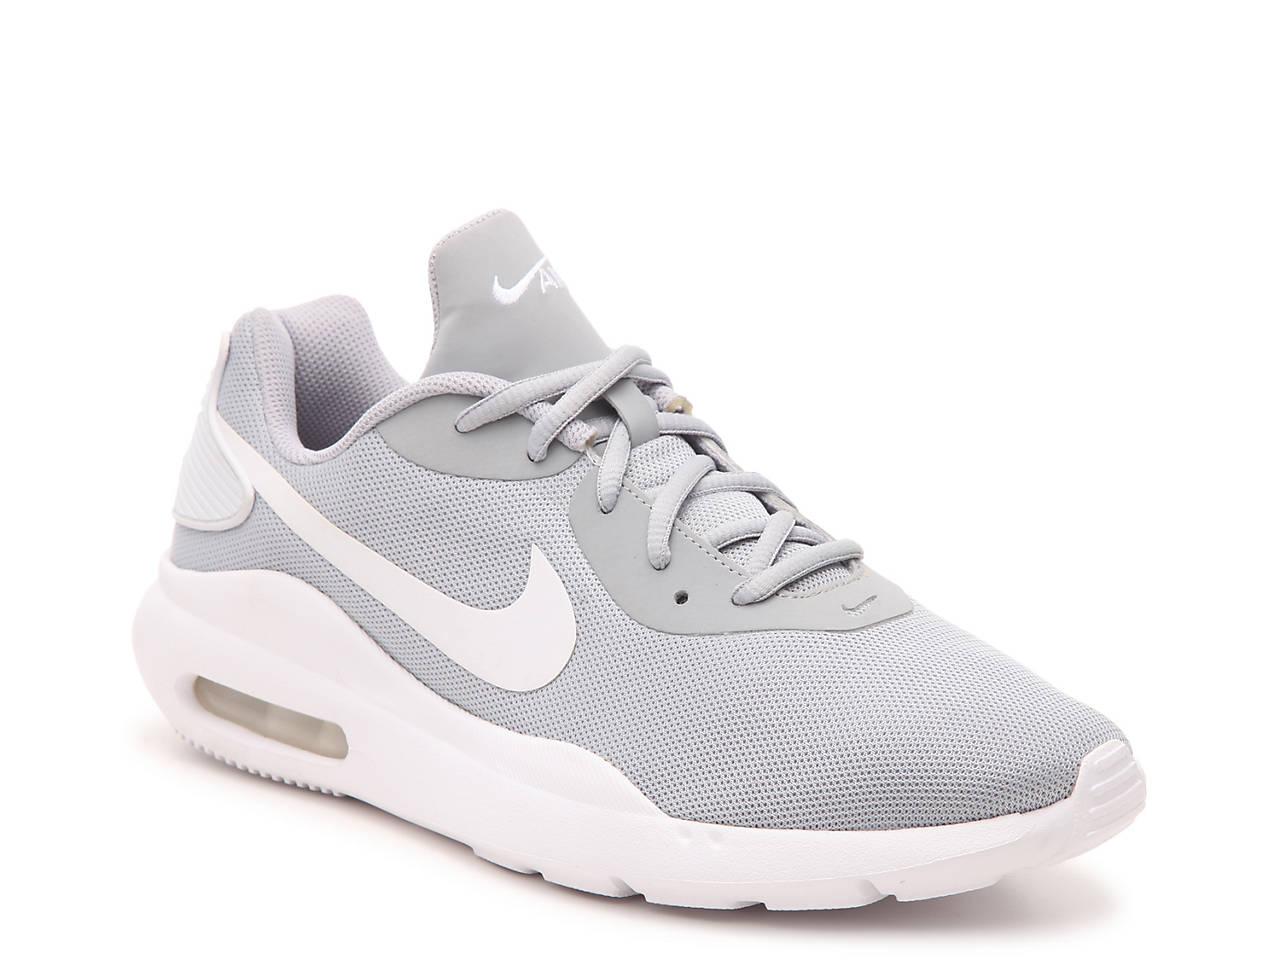 e3eb081083b48 Nike Air Max Oketo Sneaker - Men s Men s Shoes